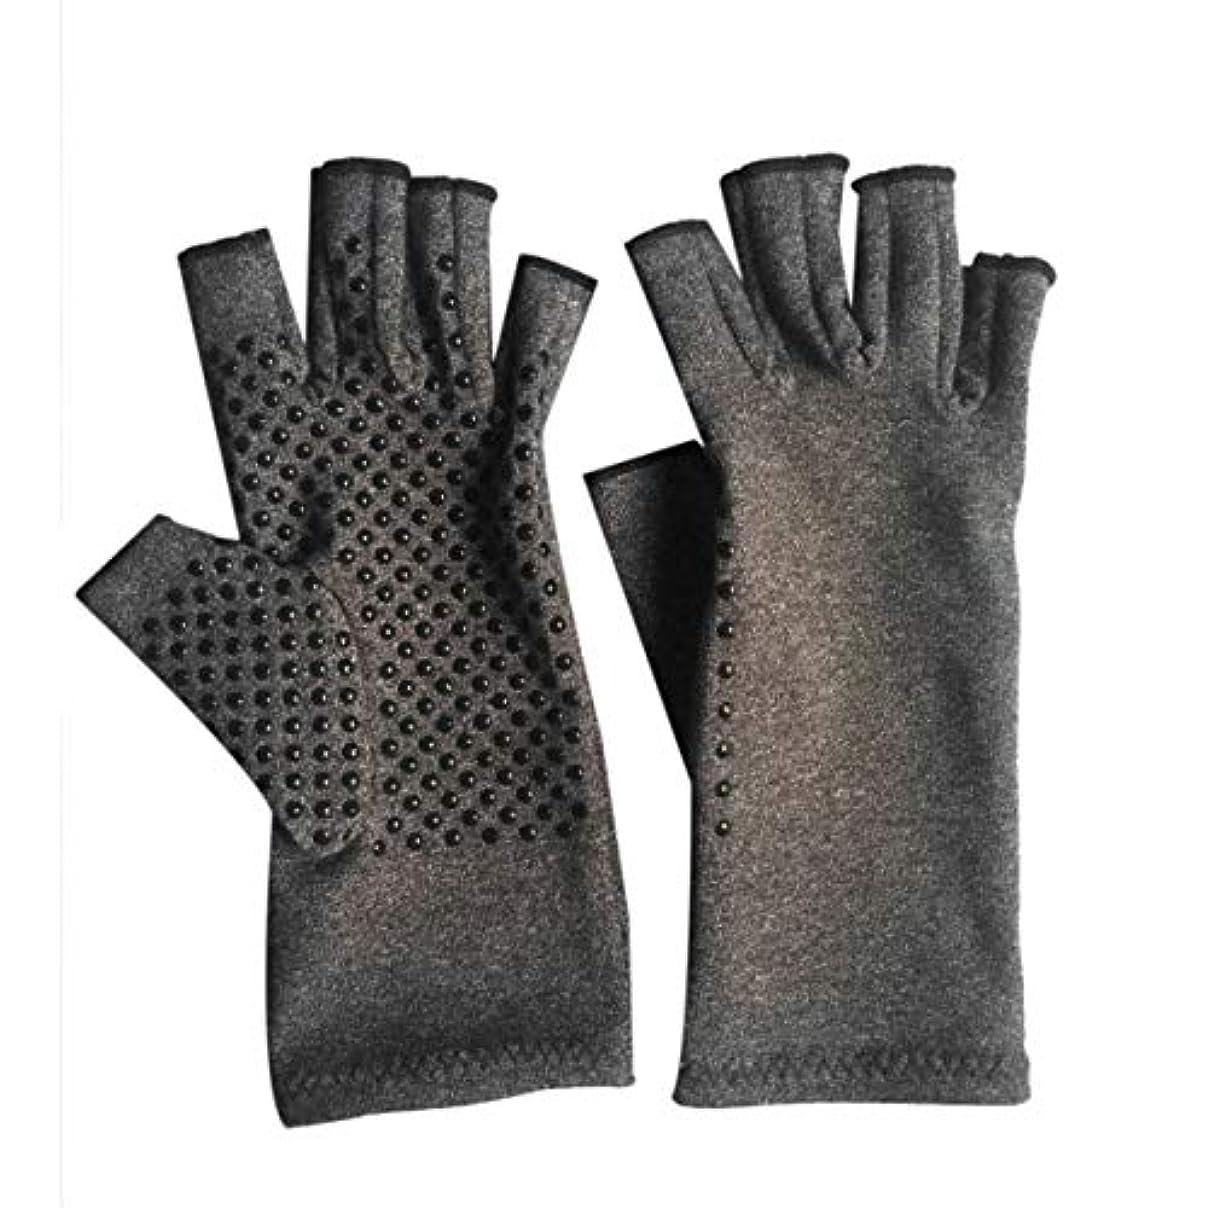 クリスチャン伝える限定1ペアユニセックス男性女性療法圧縮手袋関節炎関節痛緩和ヘルスケア半指手袋トレーニング手袋 - グレーM